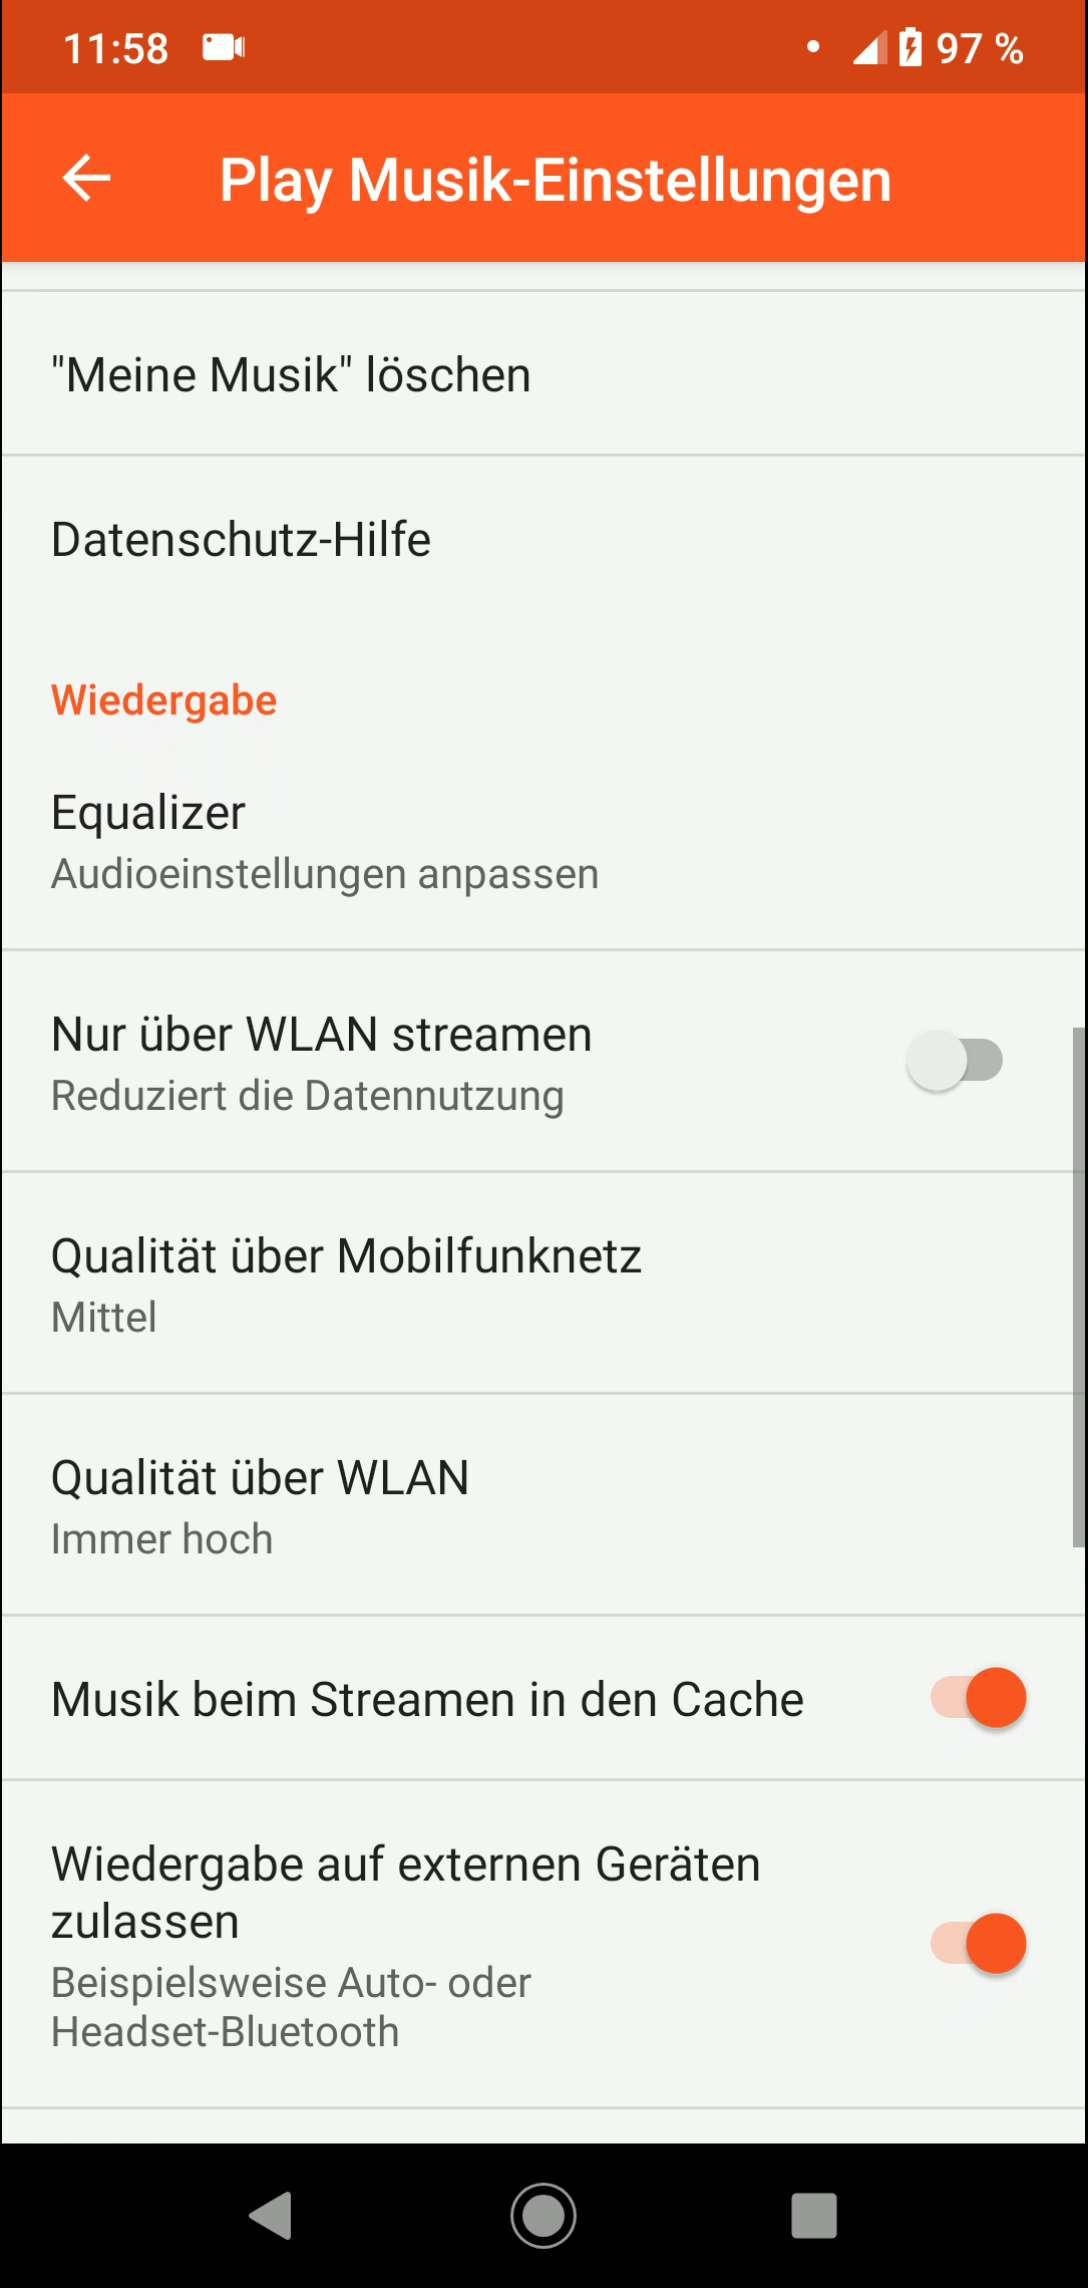 Schritt 3: Tippe auf Qualität über WLAN